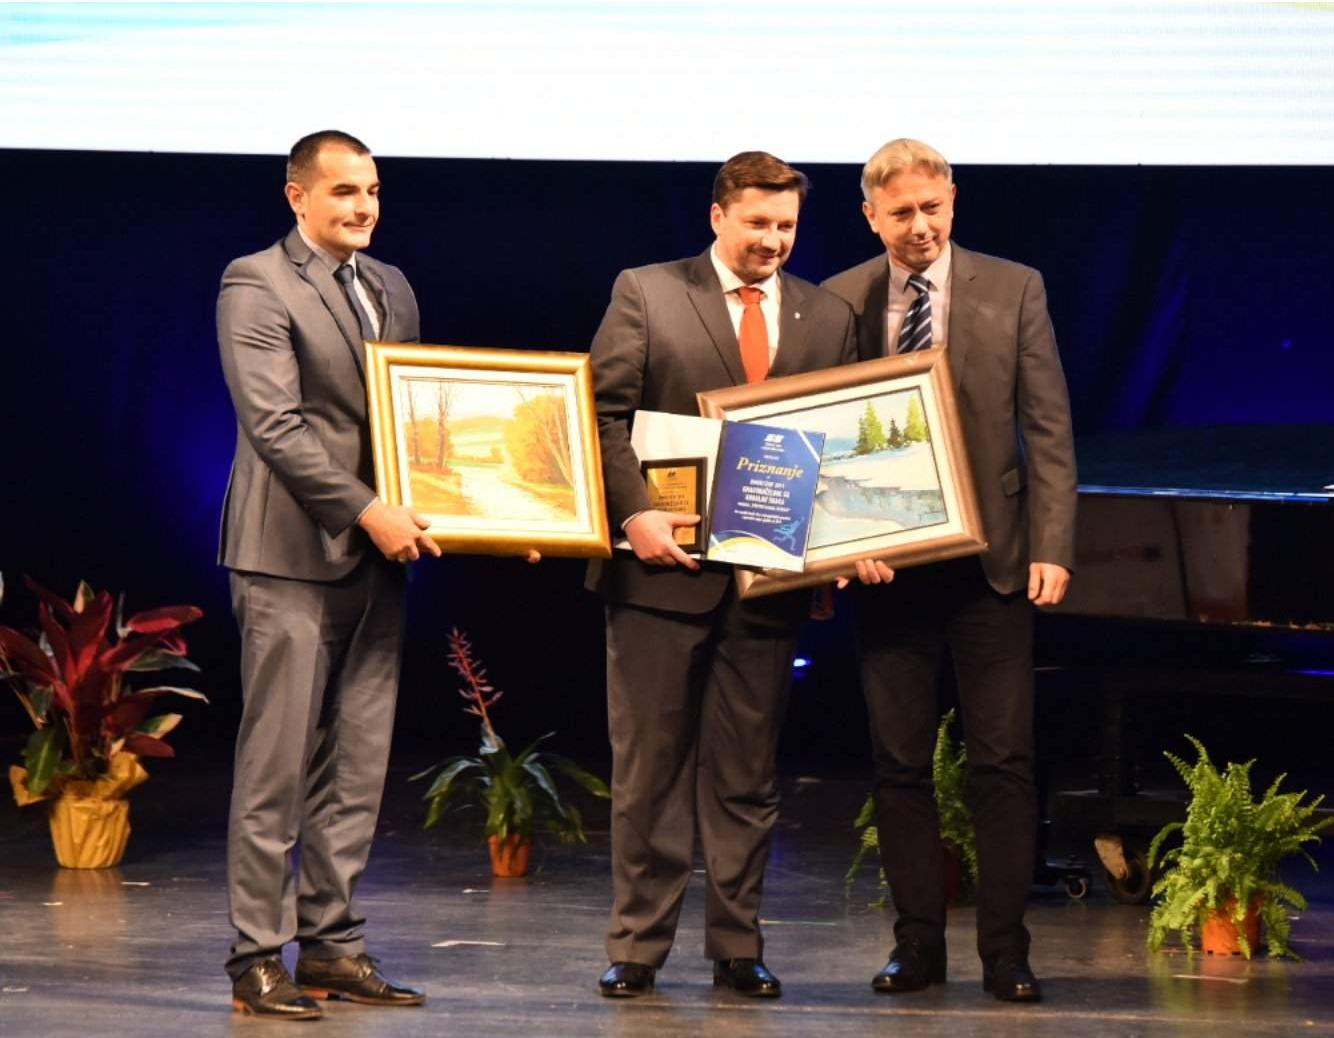 Specijalno priznanje Sportski događaj decenije - EYOF dobili su Grad Sarajevo i Istočno Sarajevo